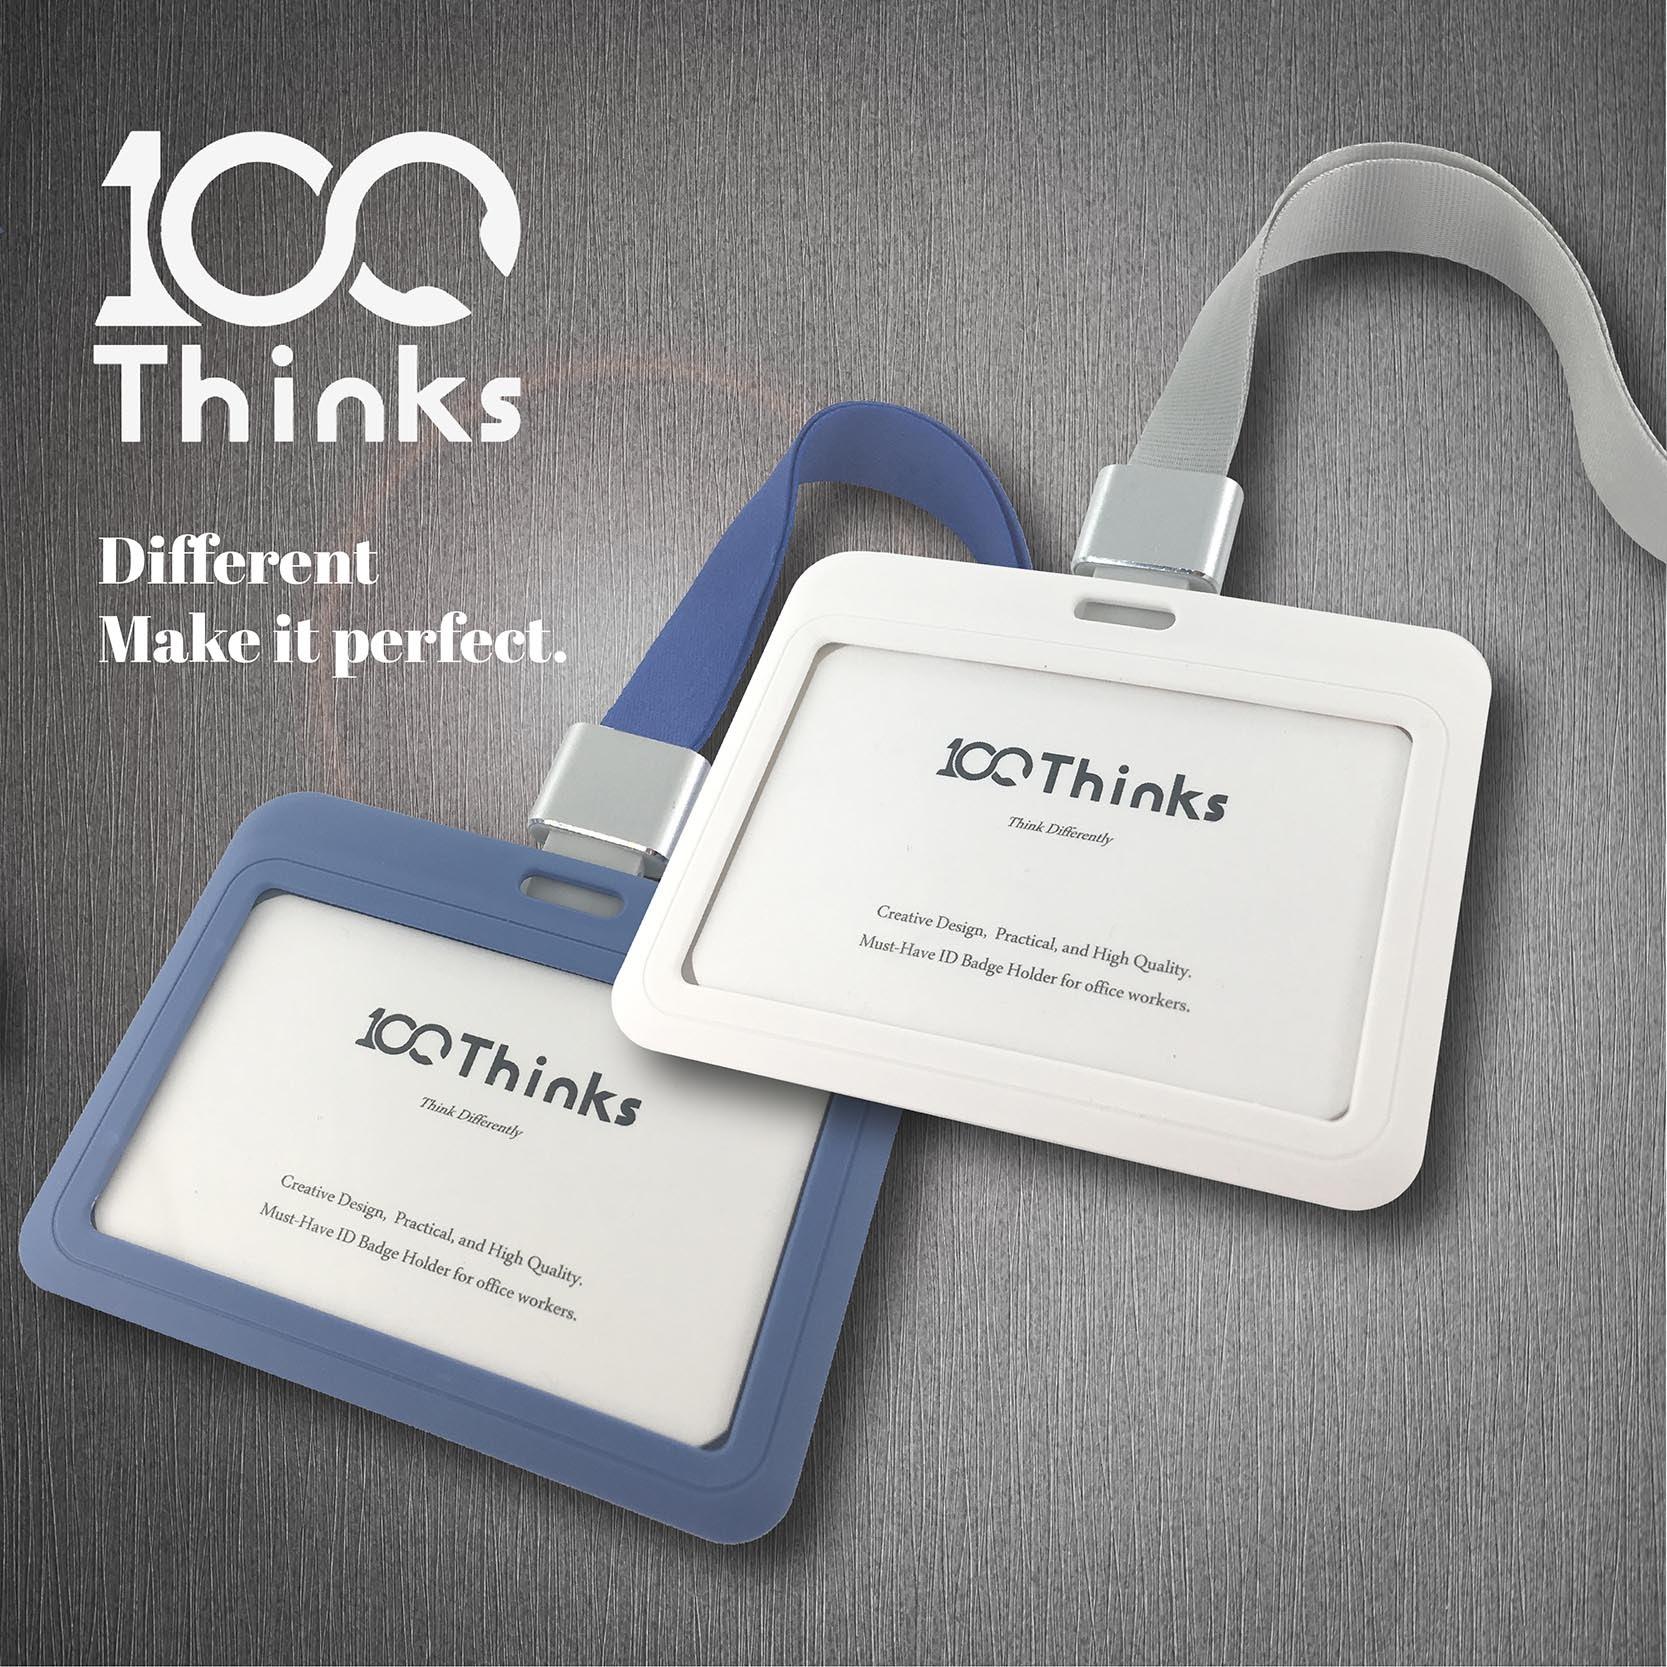 ☺質感卡套☺ 100Thinks 識別證件卡套-橫式 (卡夾 證件套 識別證套 行李吊牌 名牌 悠遊卡)